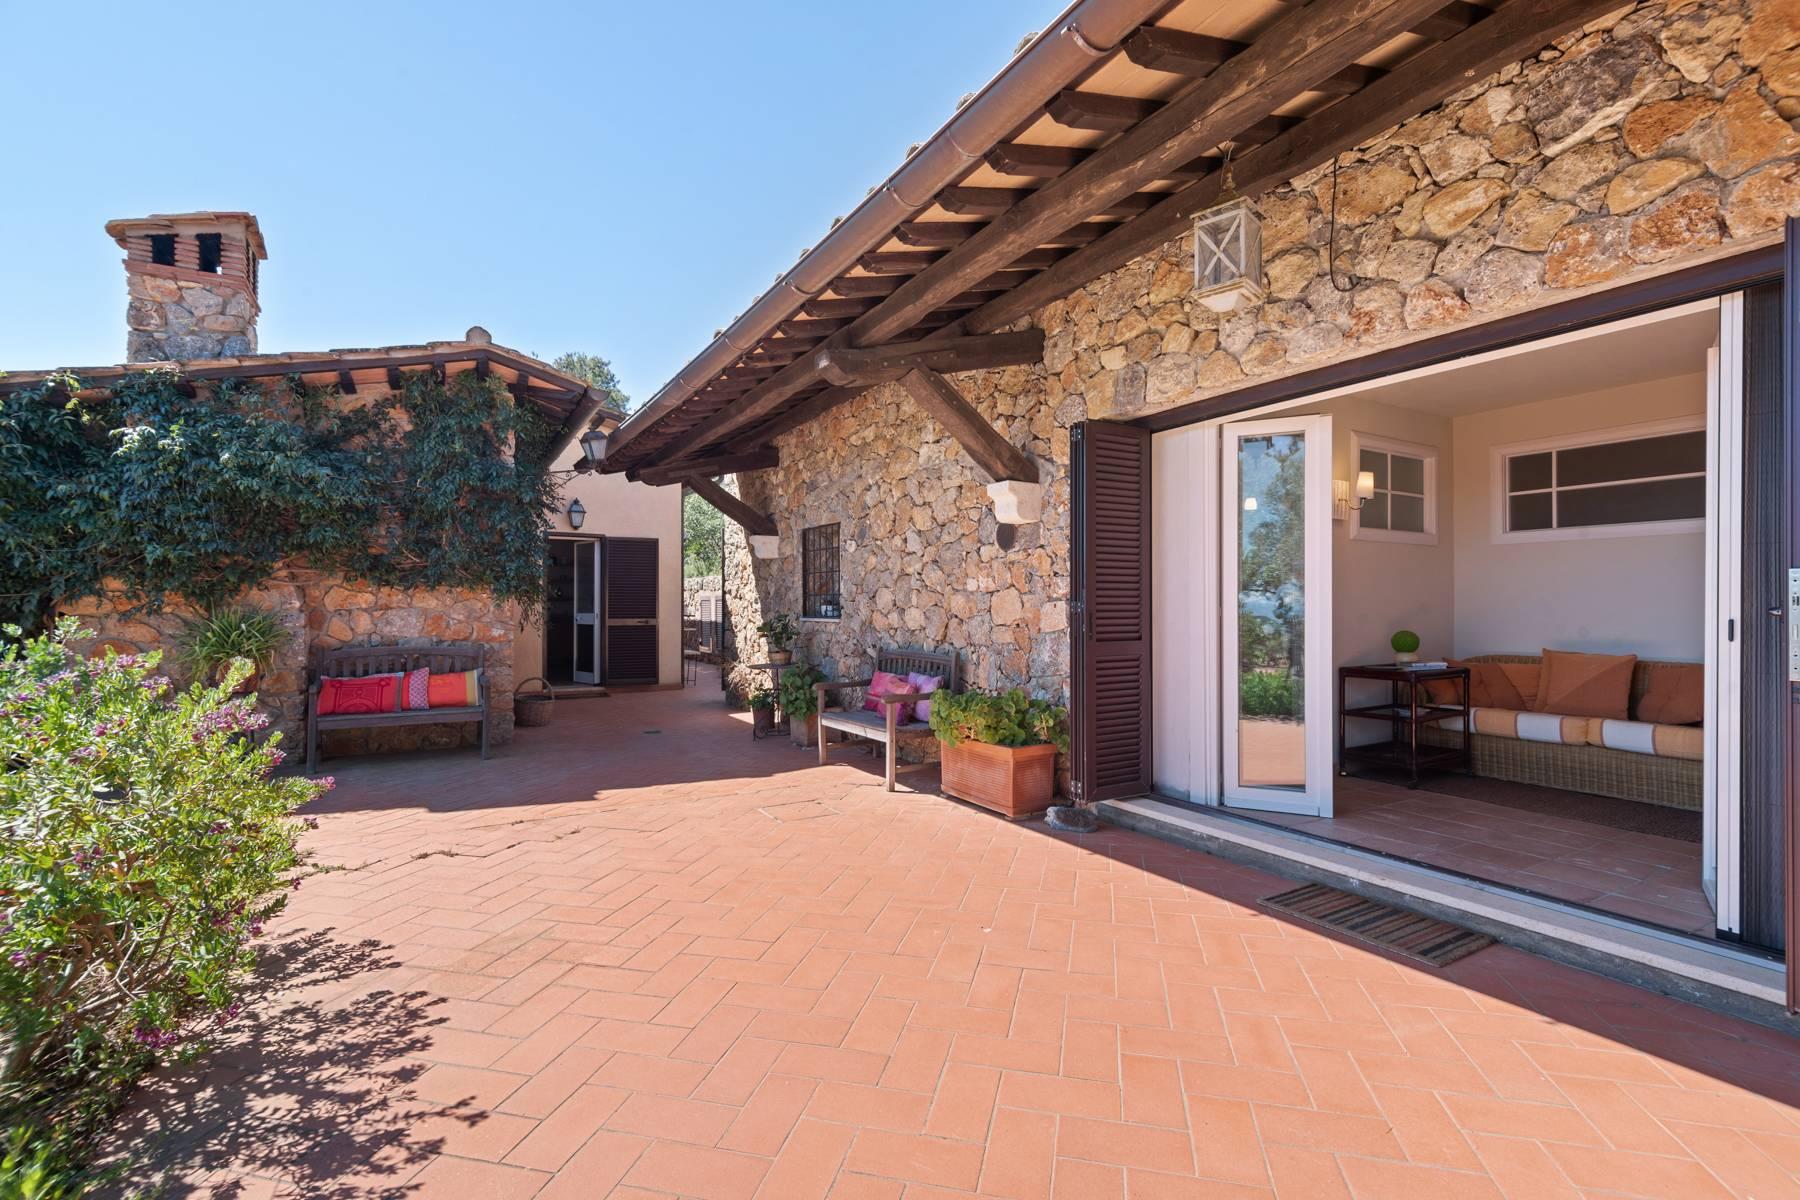 Villa in Vendita a Monte Argentario: 5 locali, 124 mq - Foto 23